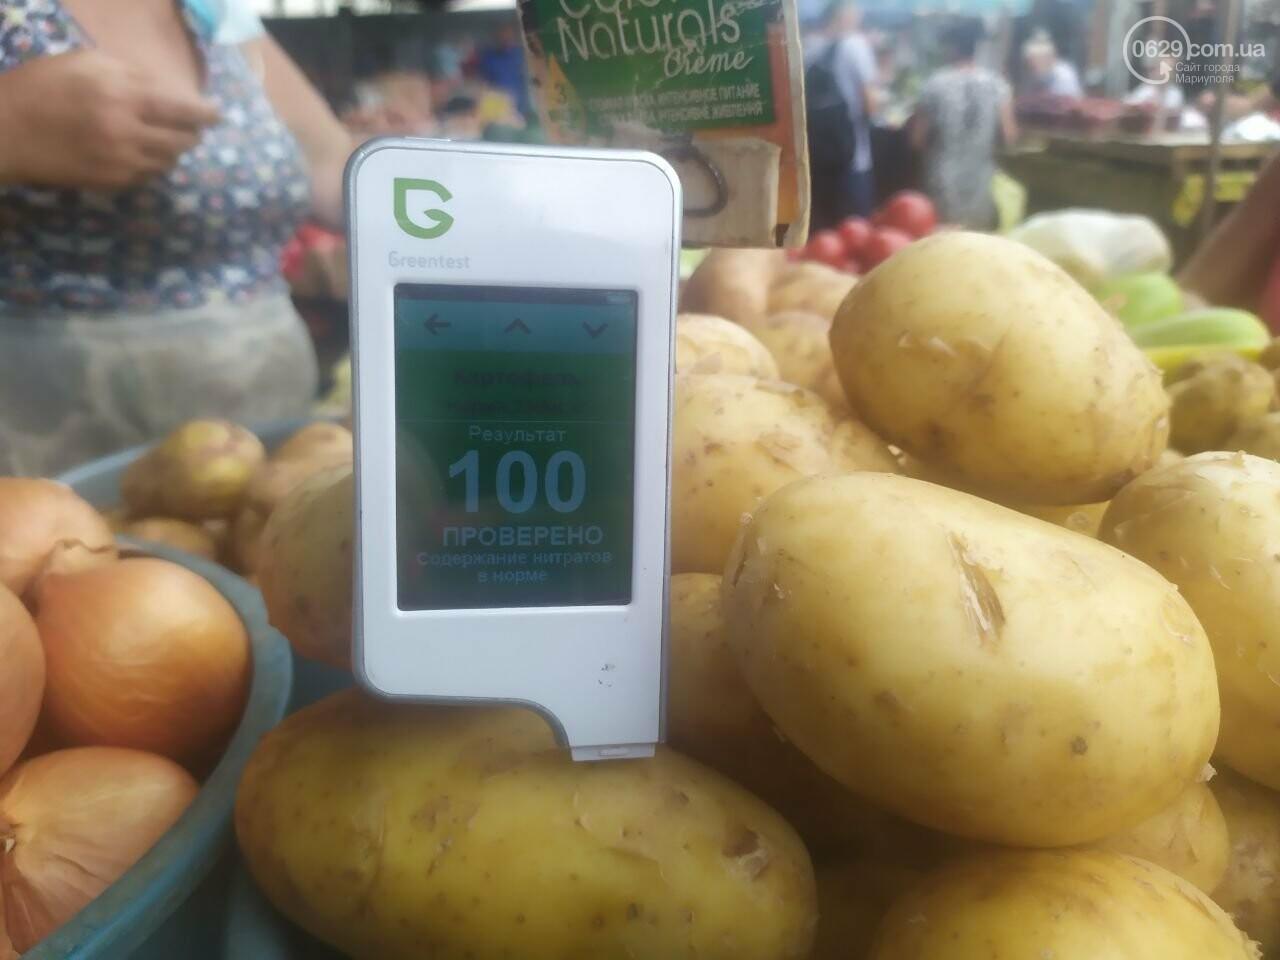 Опасна ли картошка, которую продают в Мариуполе, фото-2